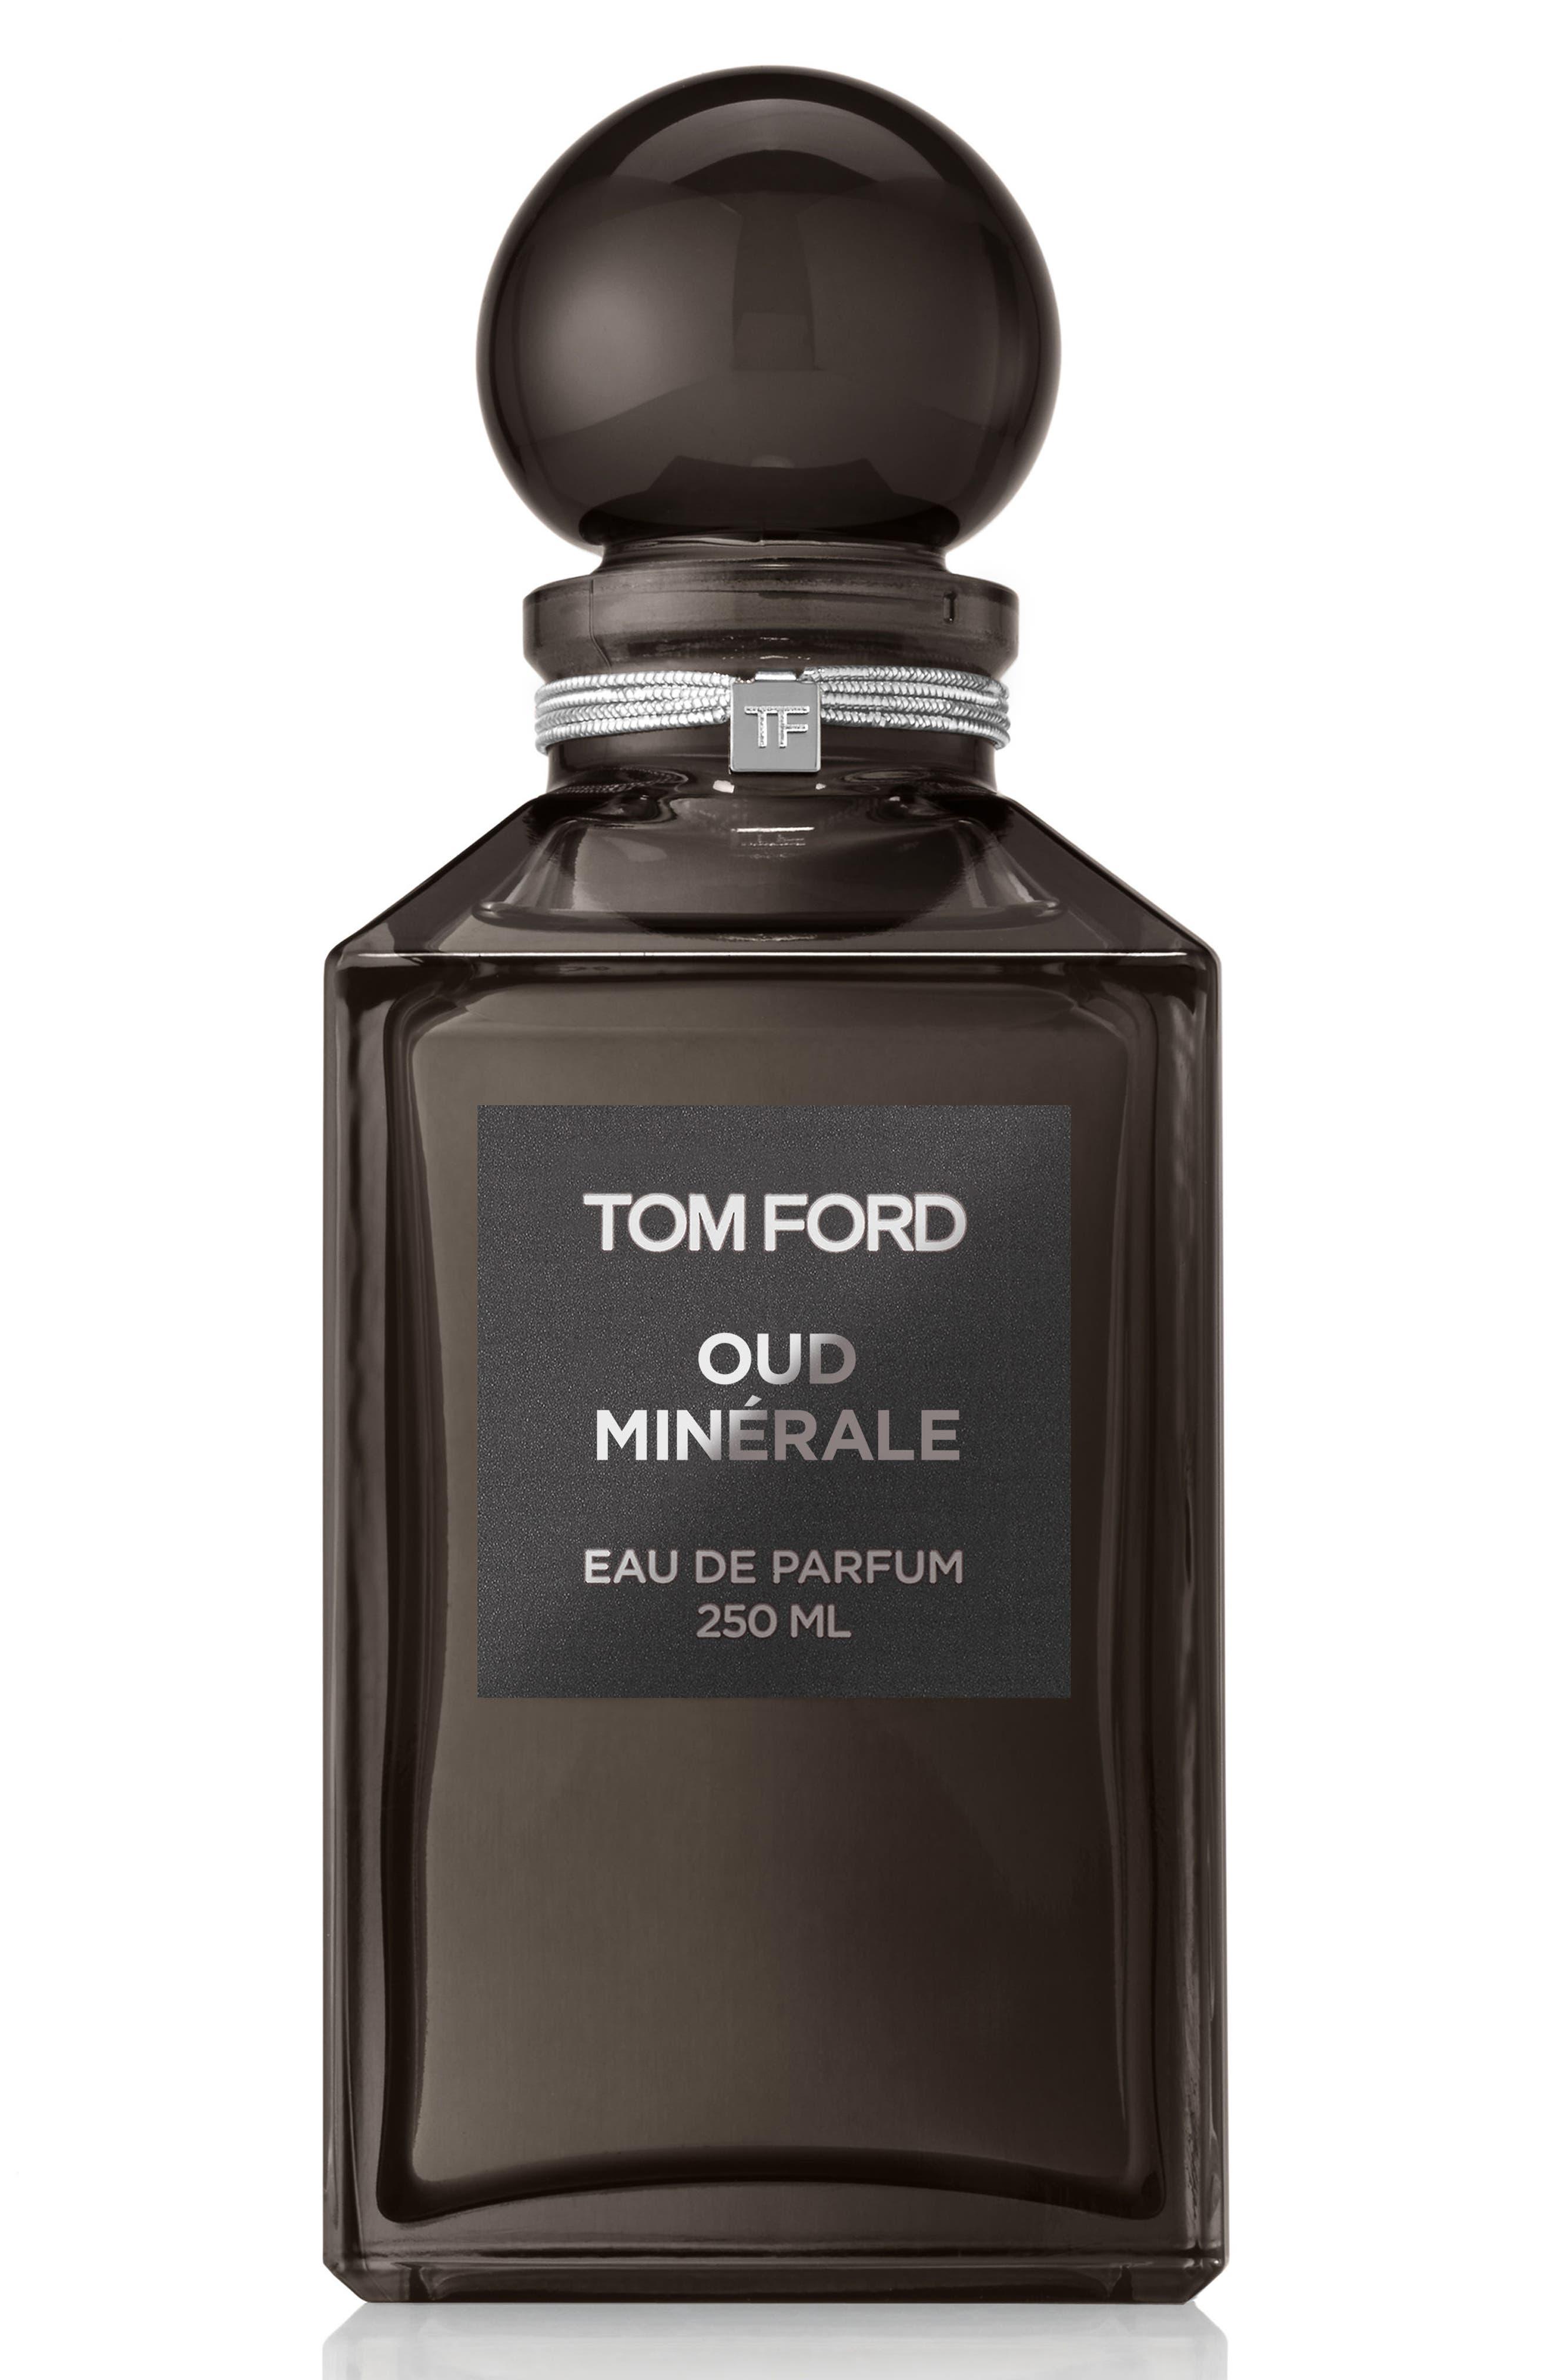 Tom Ford Private Blend Oud Minérale Eau de Parfum Decanter